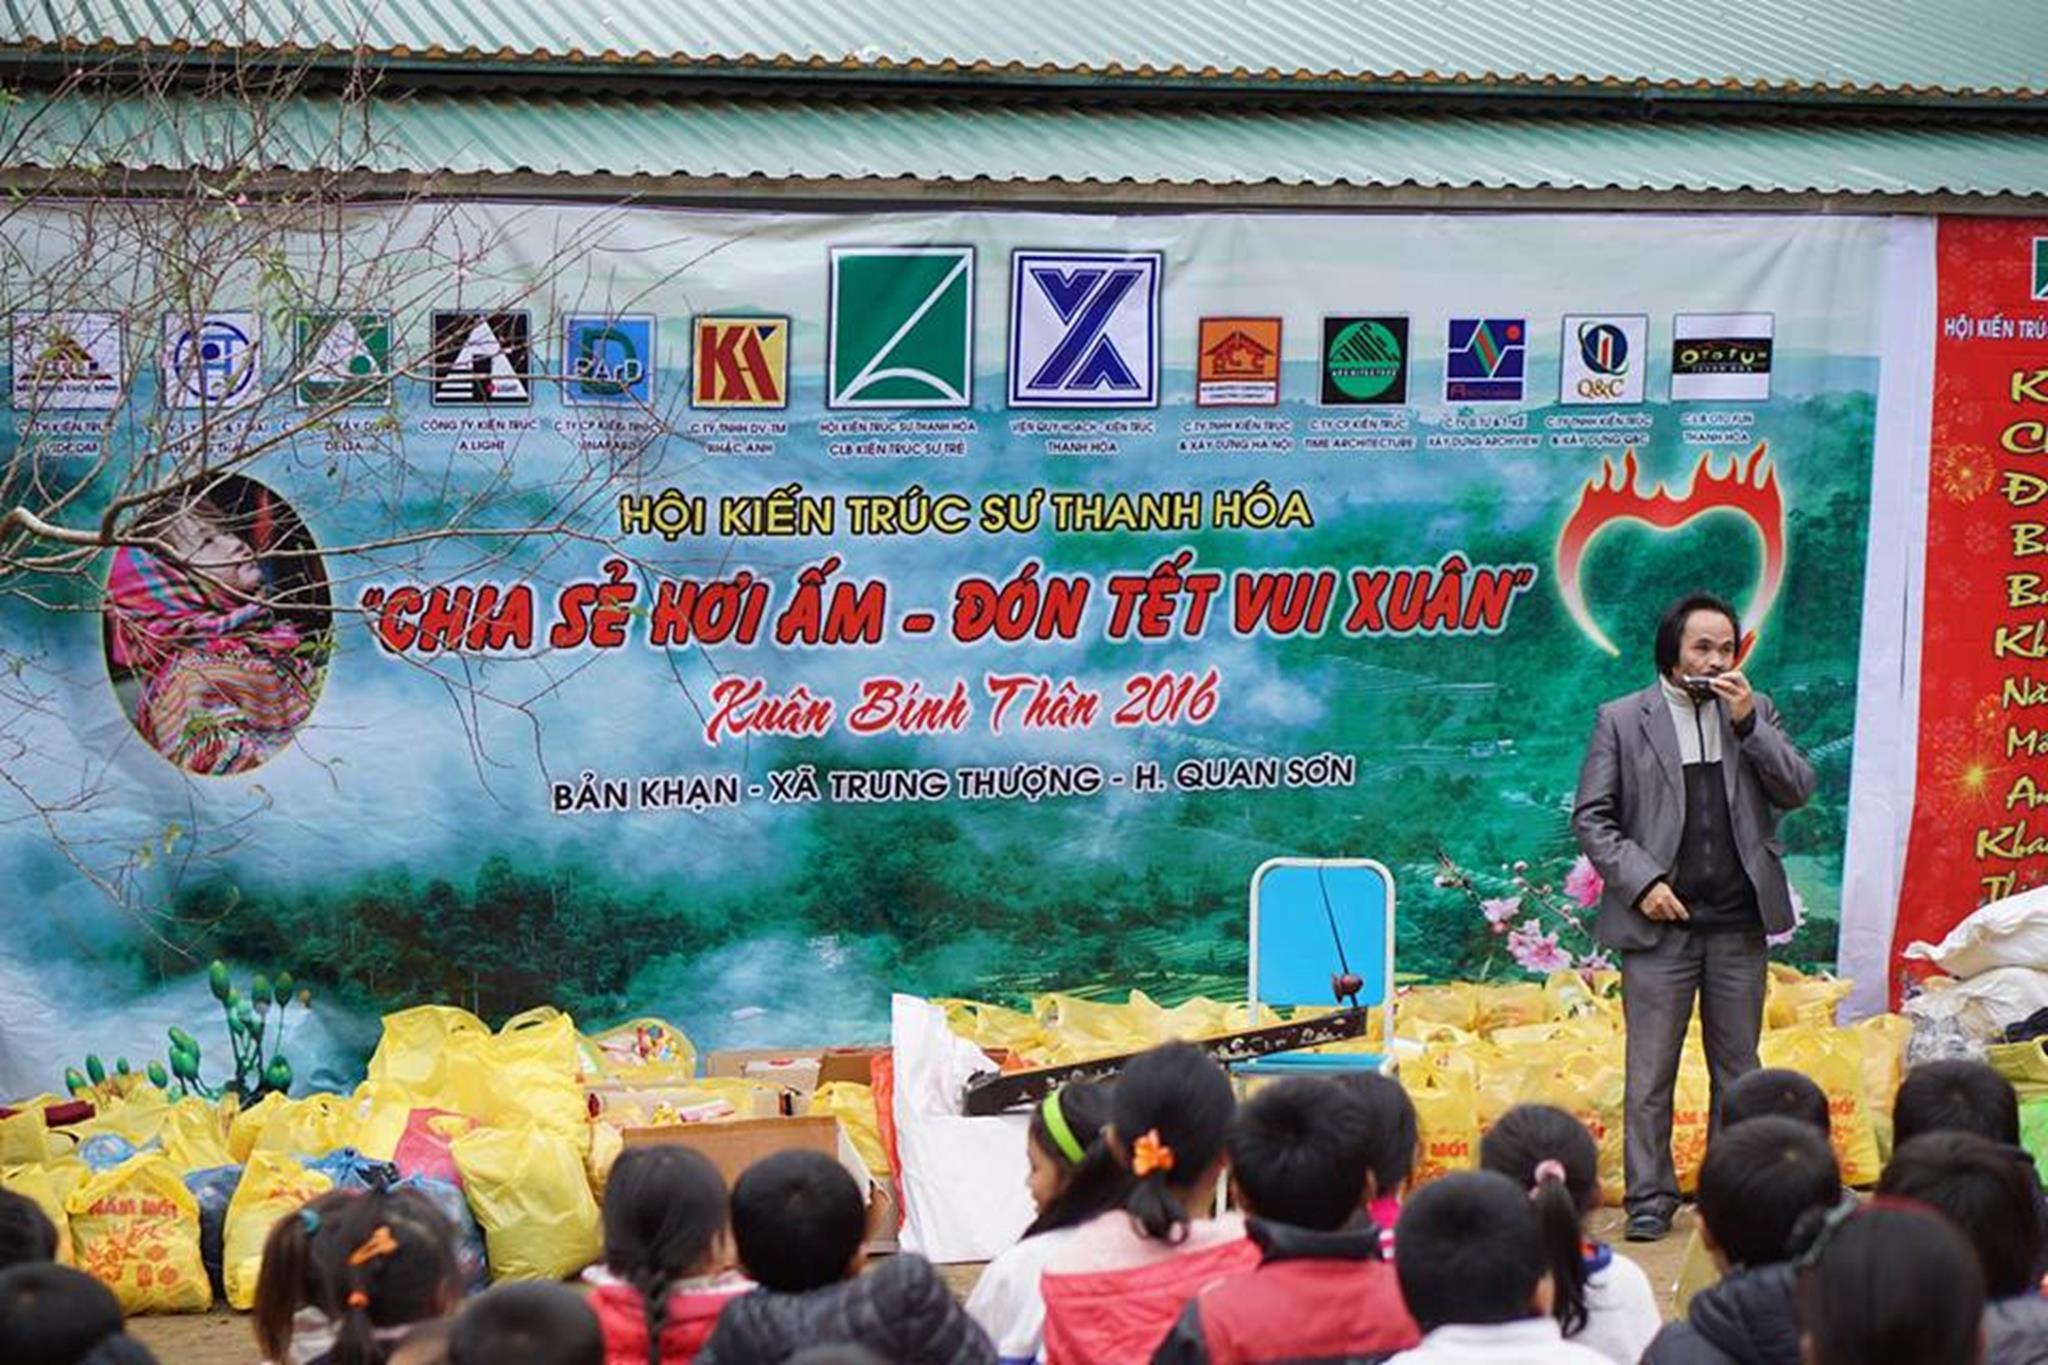 KTS Lê Đình Sơn biểu diễn đàn bầu, kèn amonica (Copy)